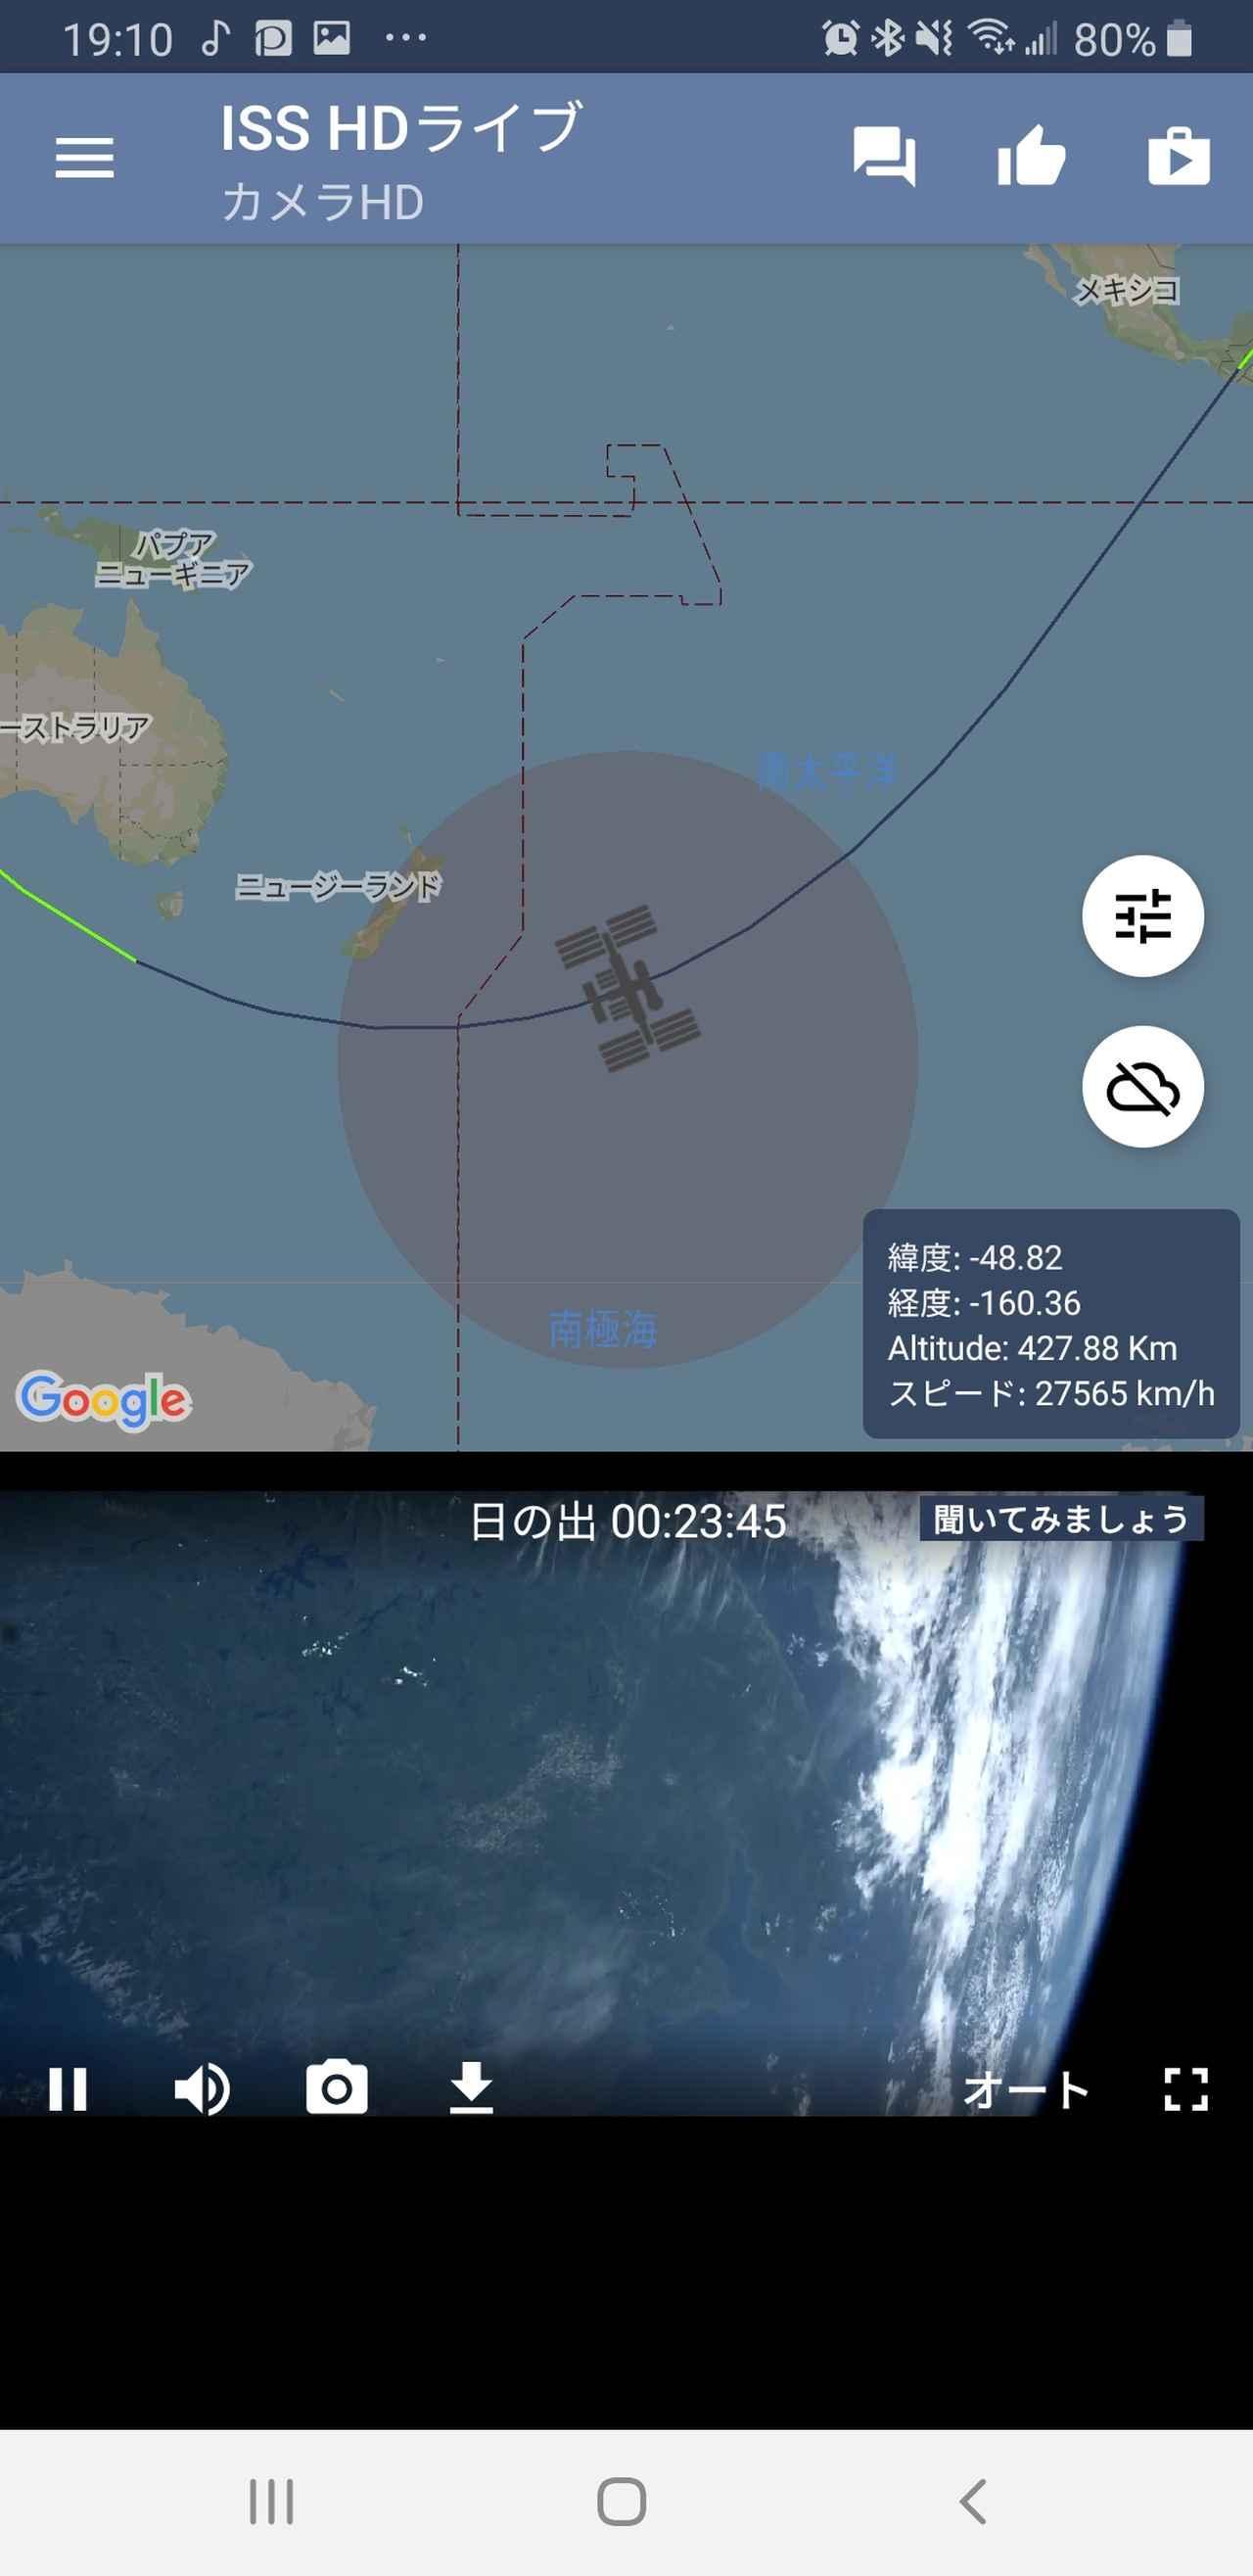 画像2: ISS HD Live